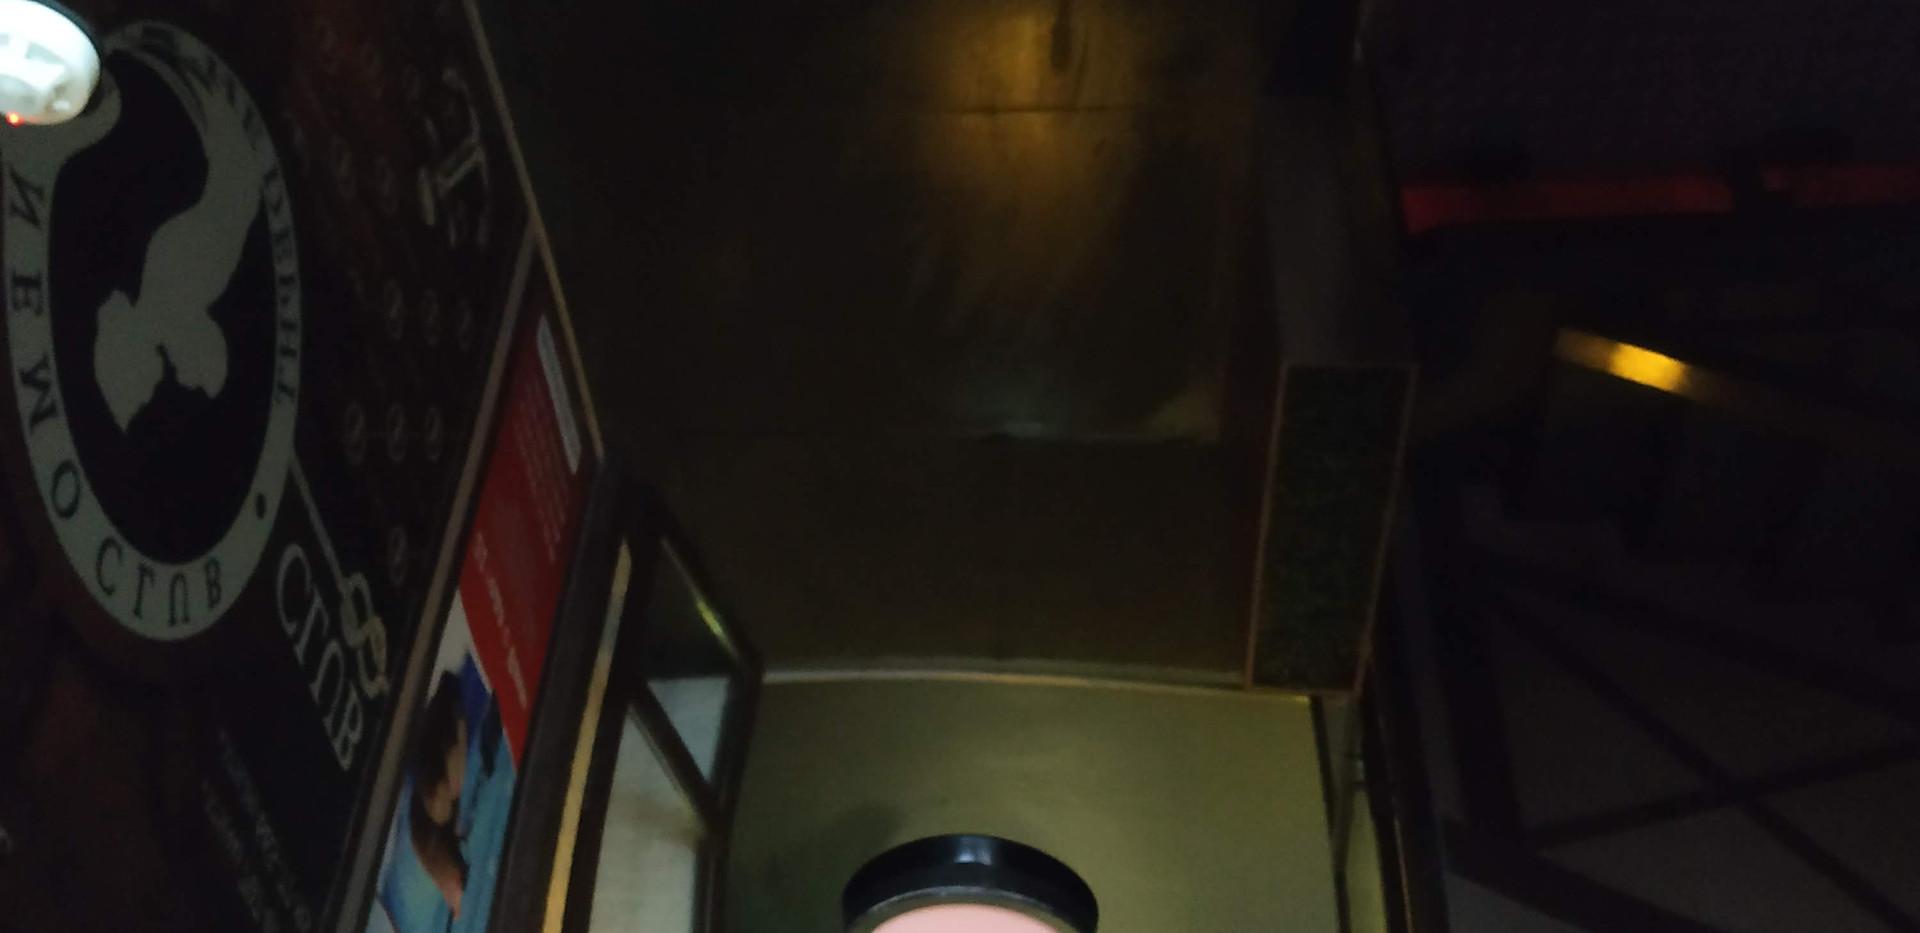 תקרה נמתחת לובי כניסה לבניין